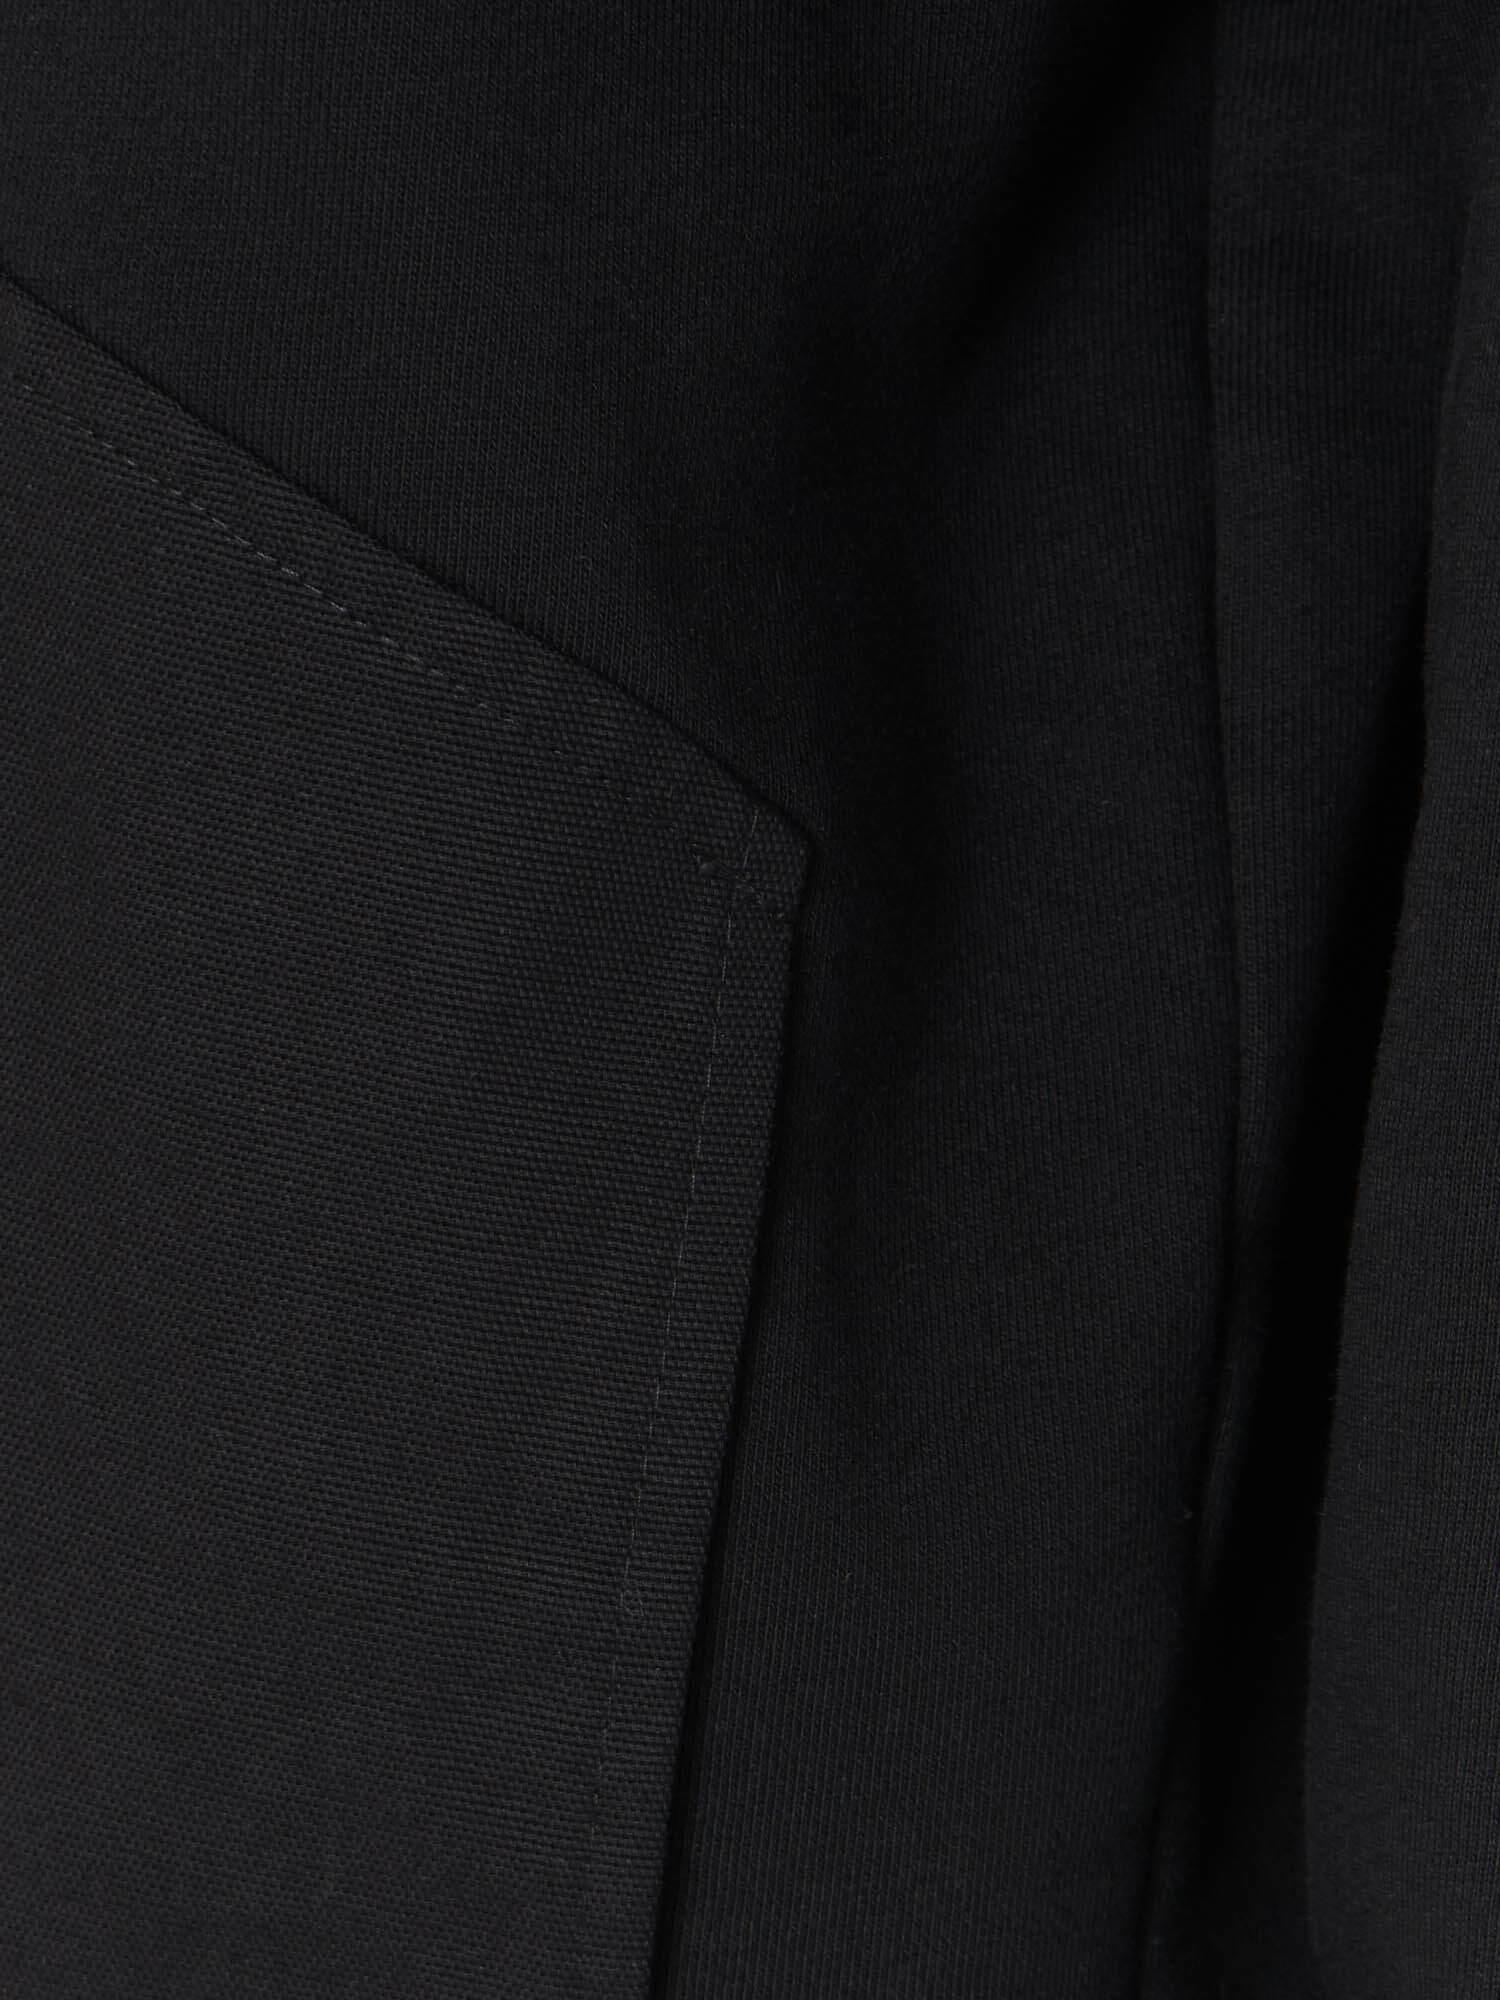 Свитшот Скаген с карманом из хлопка, Черный